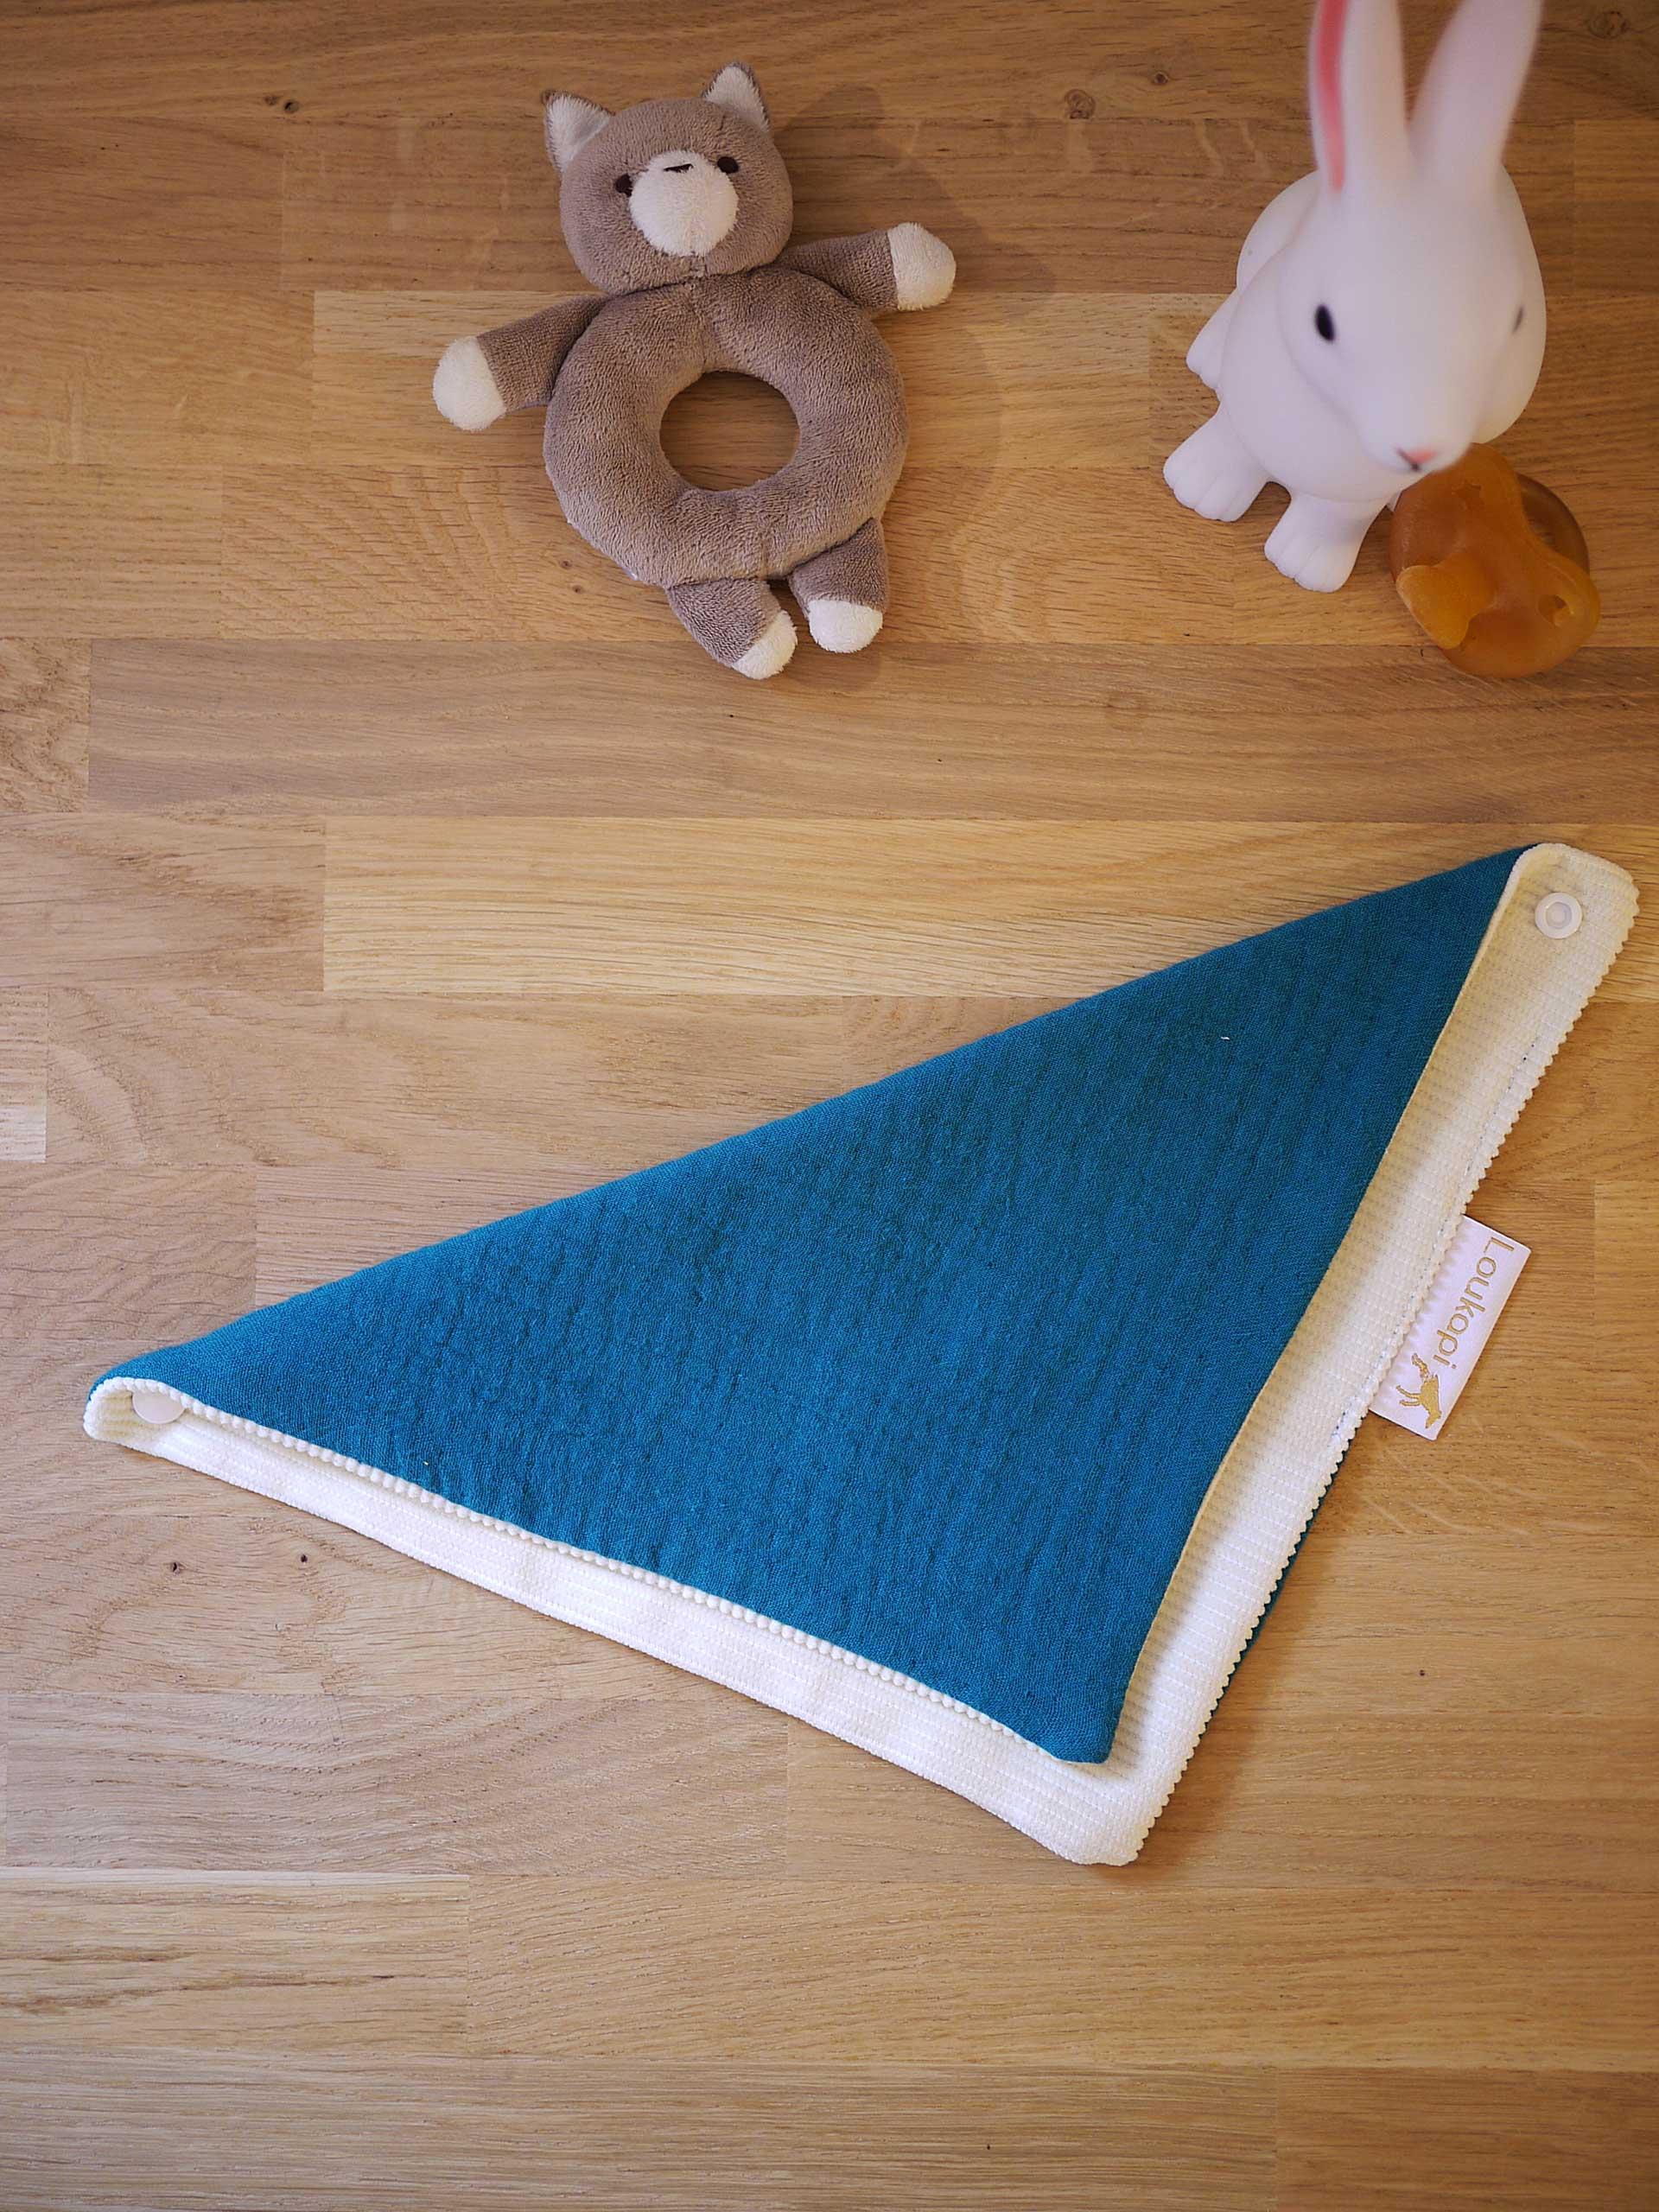 La bandana plie avant de le mettre autour du coup de bébé